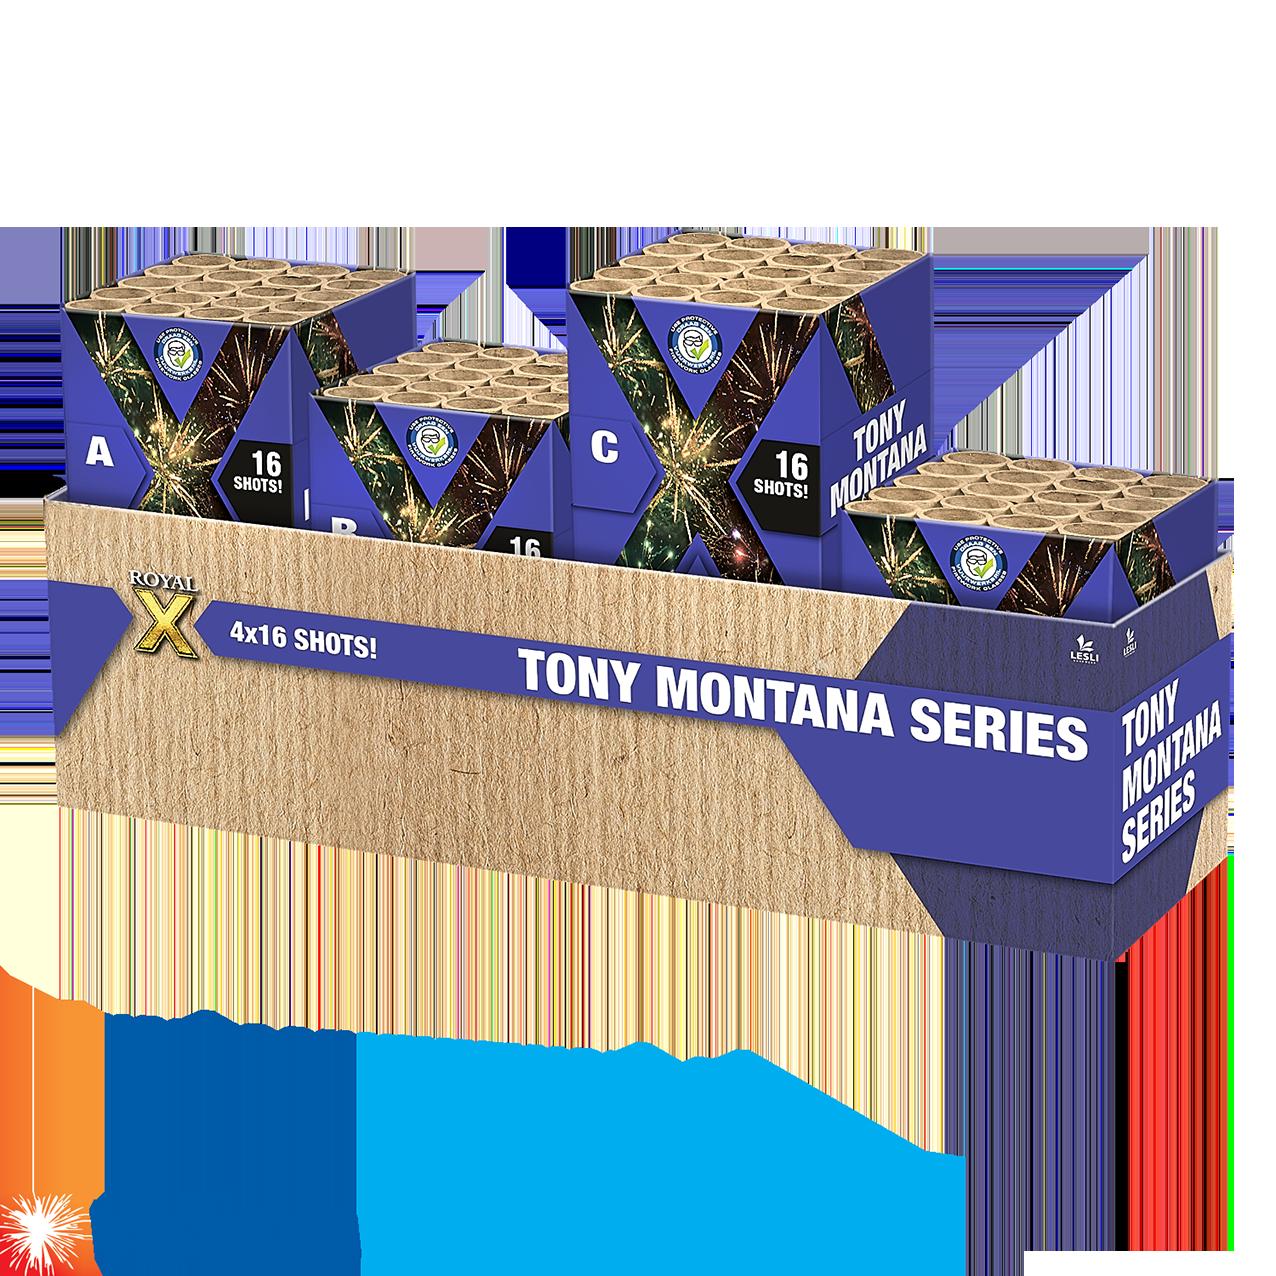 Tony Montana series